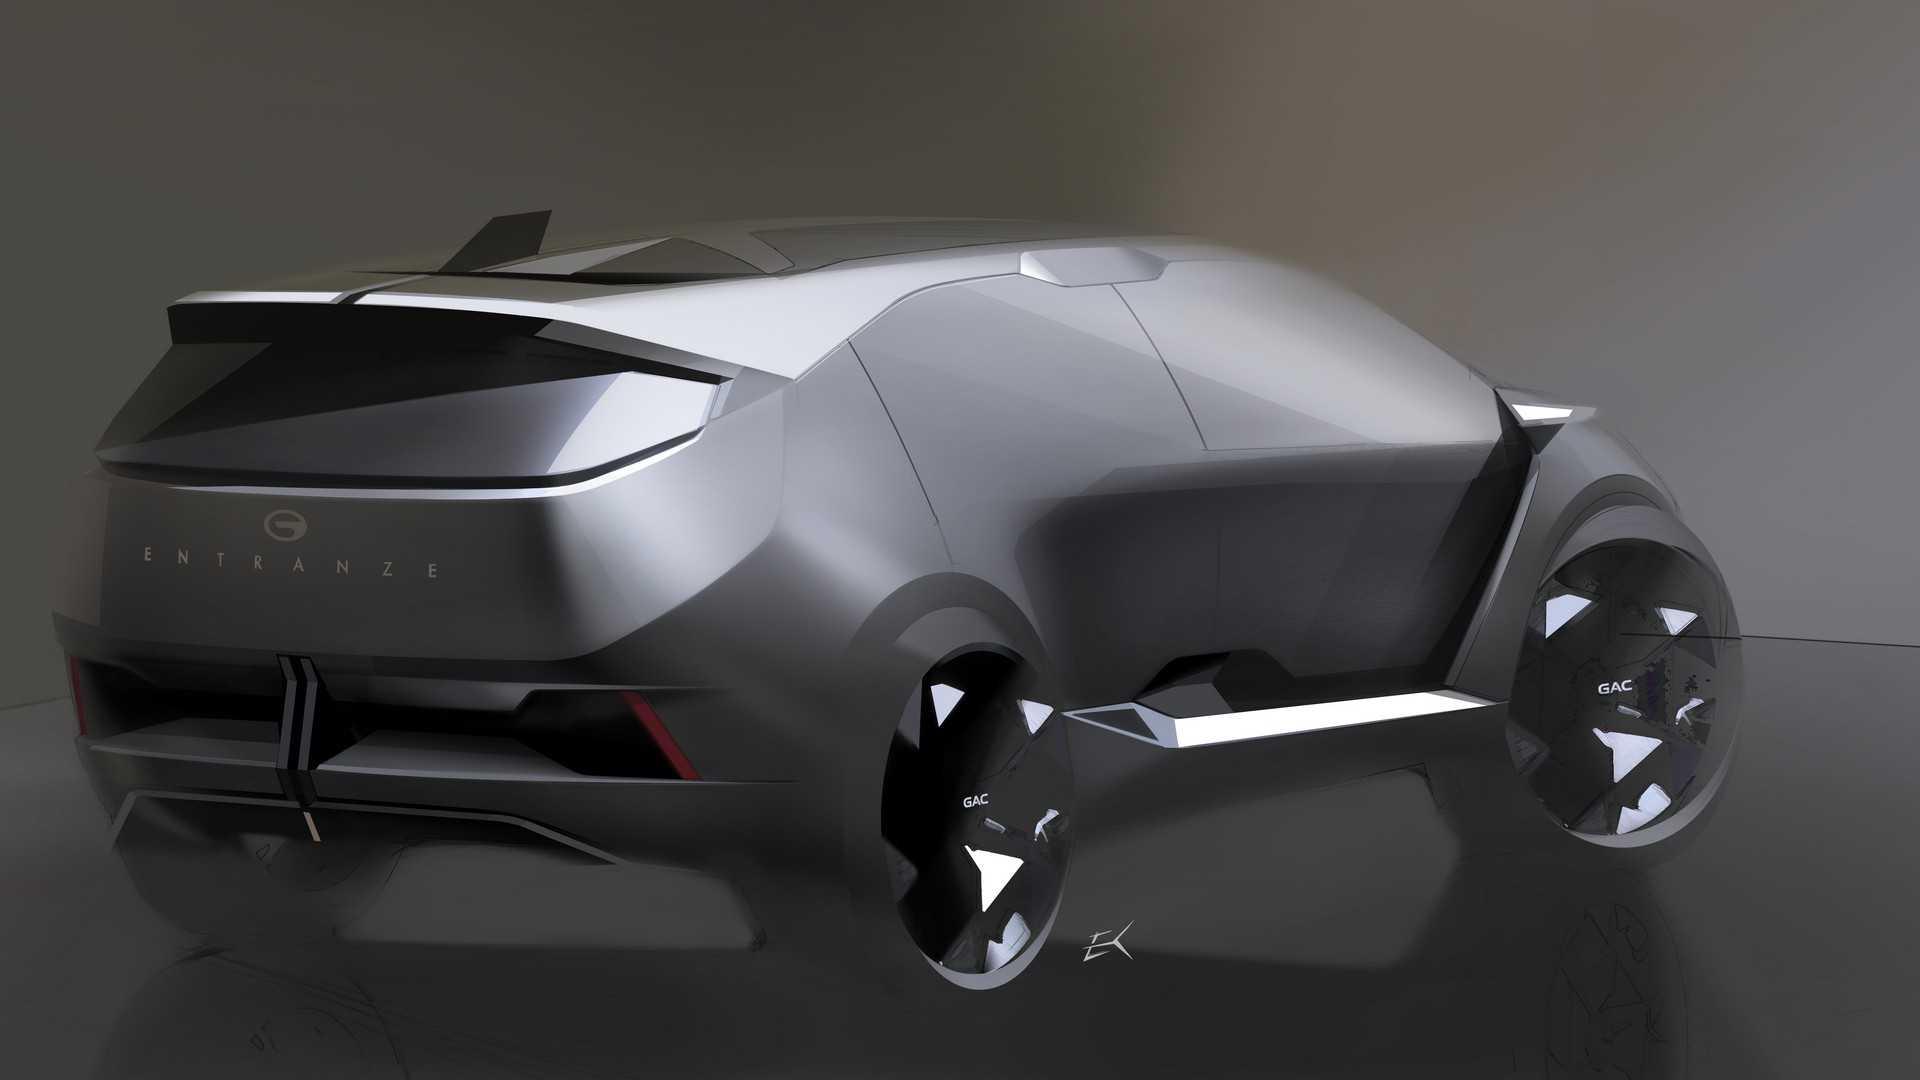 GAC Entranze Concept (15)